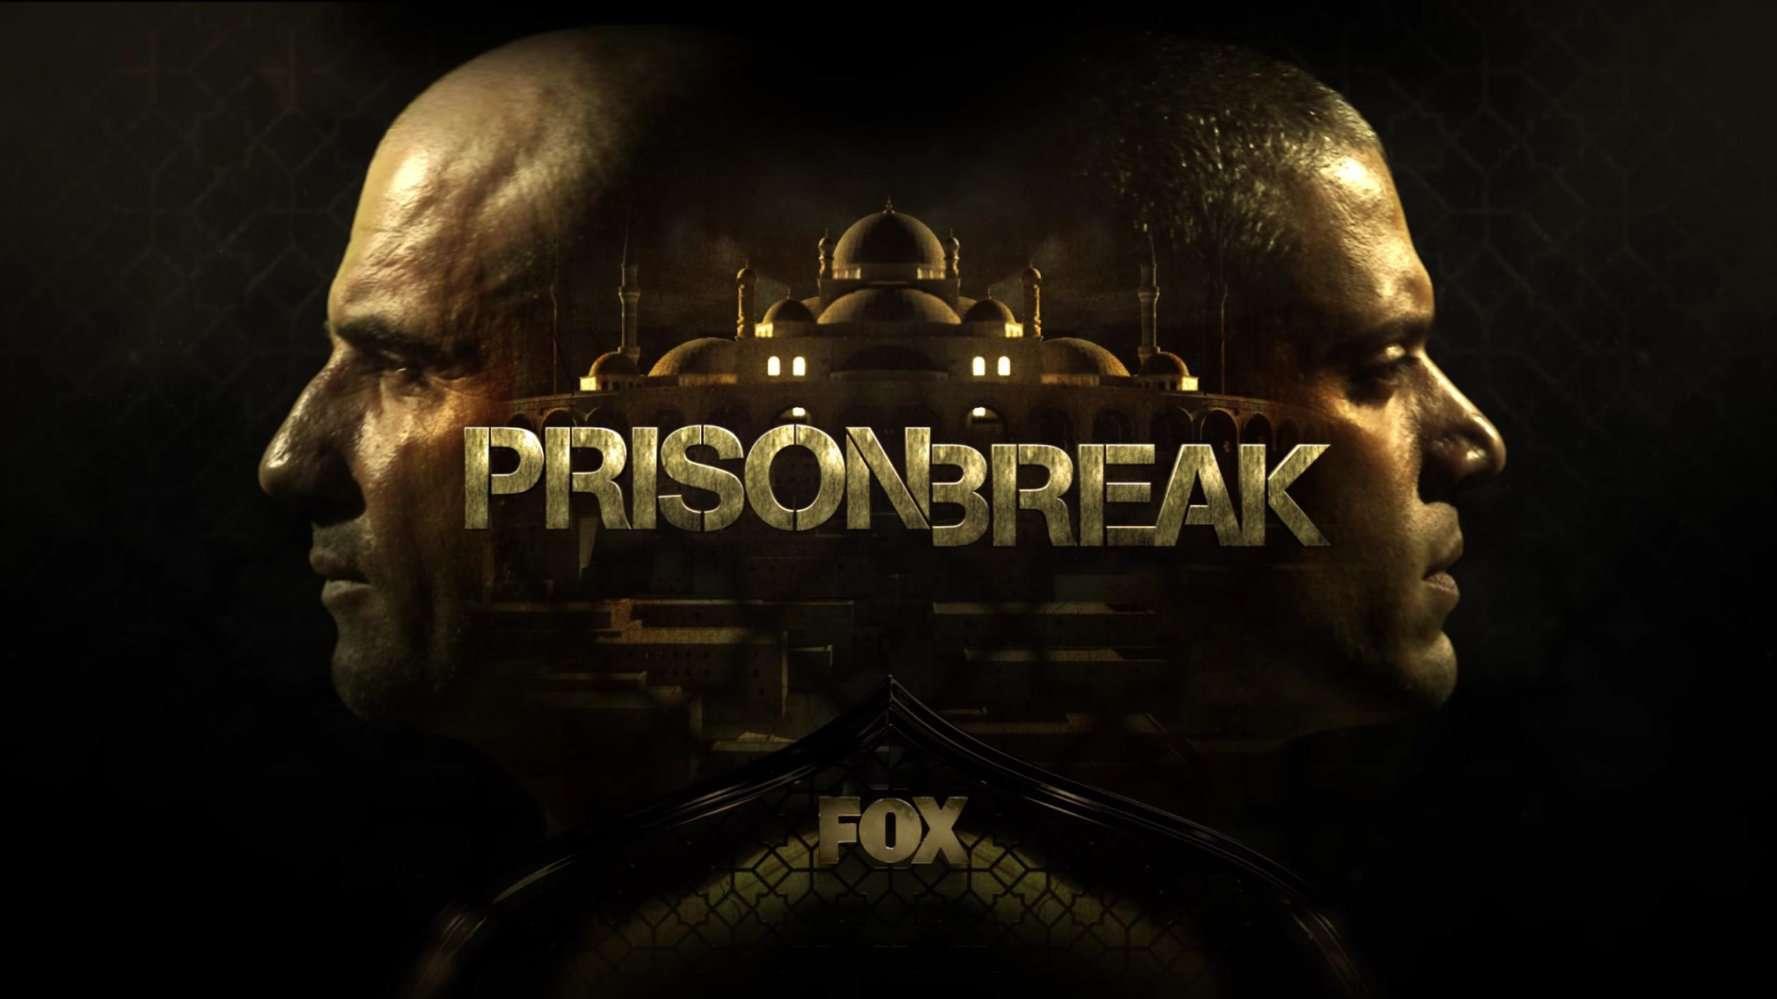 แผนลับแหกคุกนรก PRISON BREAK SEASON 5 พากย์ไทย EP1 – EP9 [จบ]